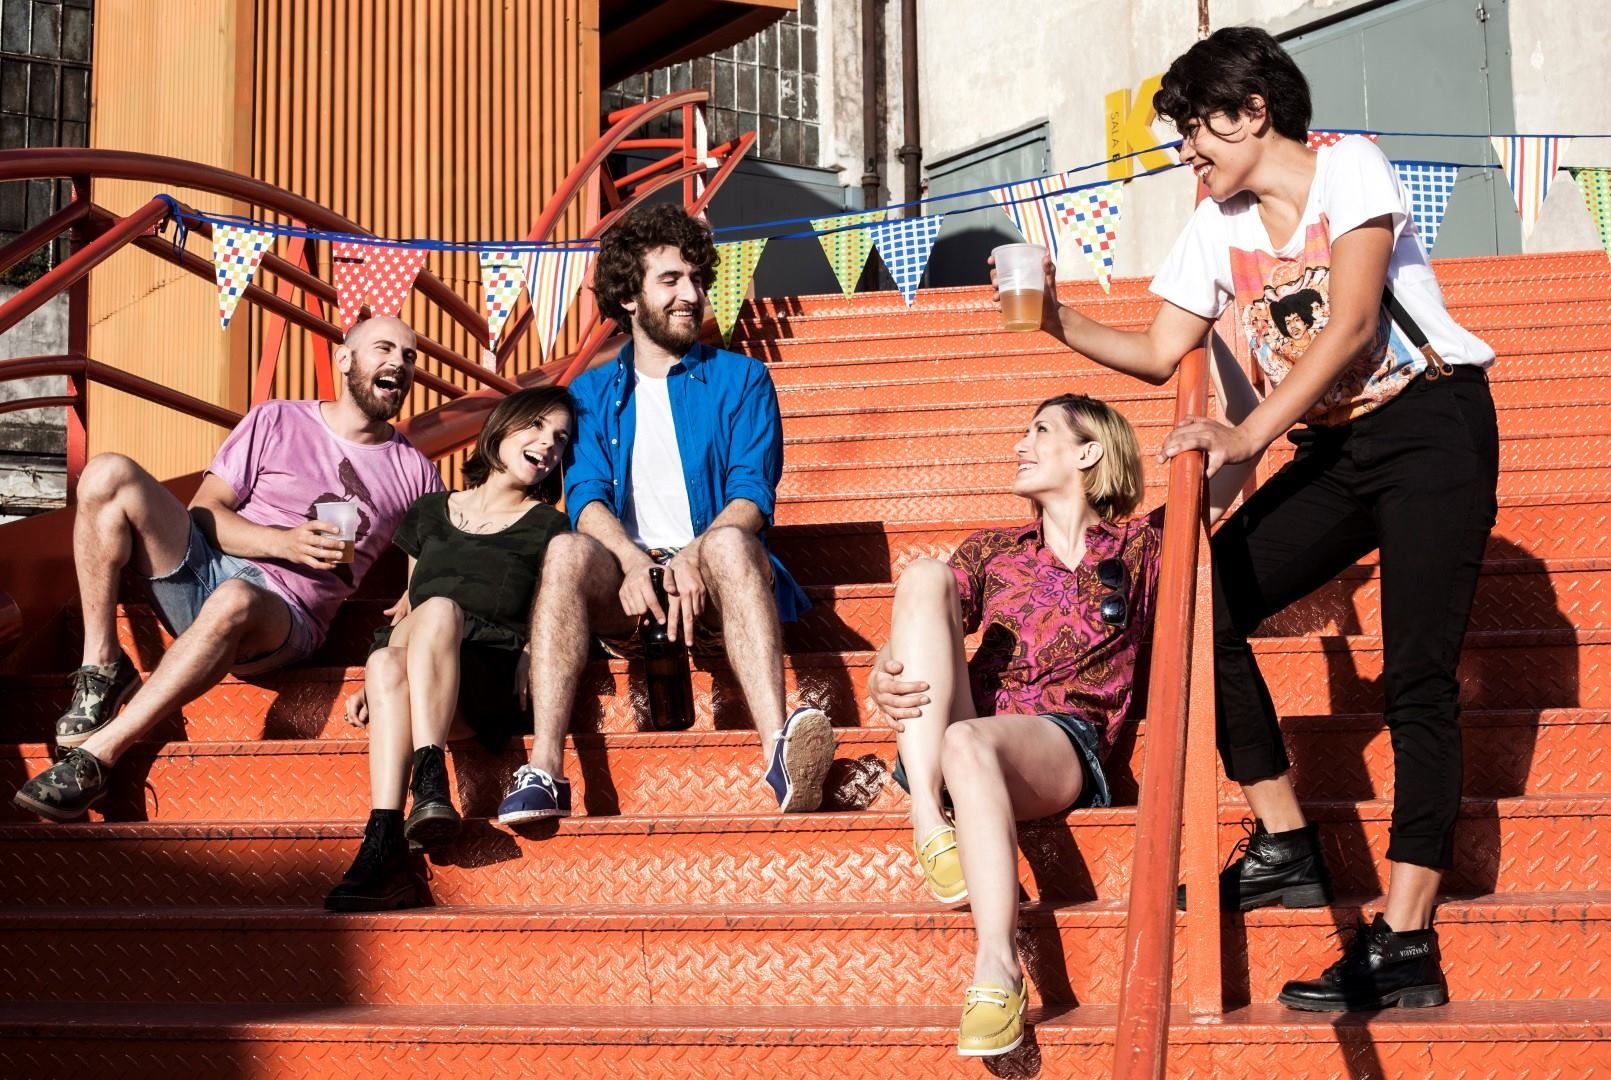 Continúan los shows en Parador Konex: toda la grilla del gran festival de verano